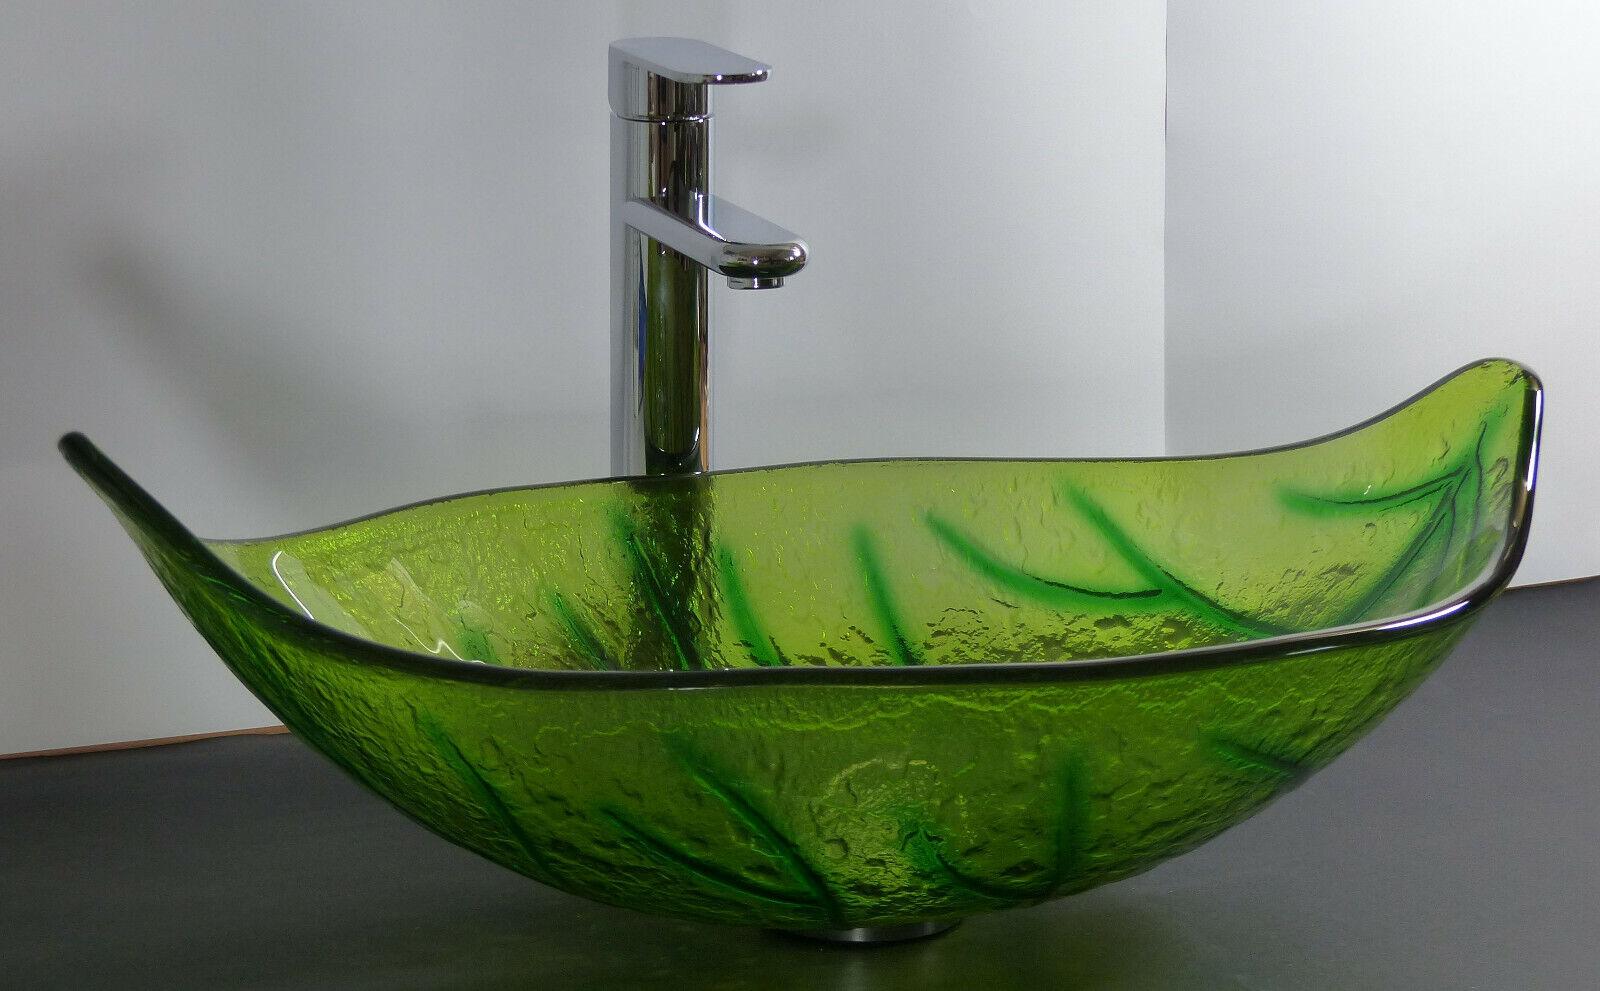 Aufsatz Glas Waschschale Waschbecken Waschtisch Blatt grün oval Glaswaschbecken